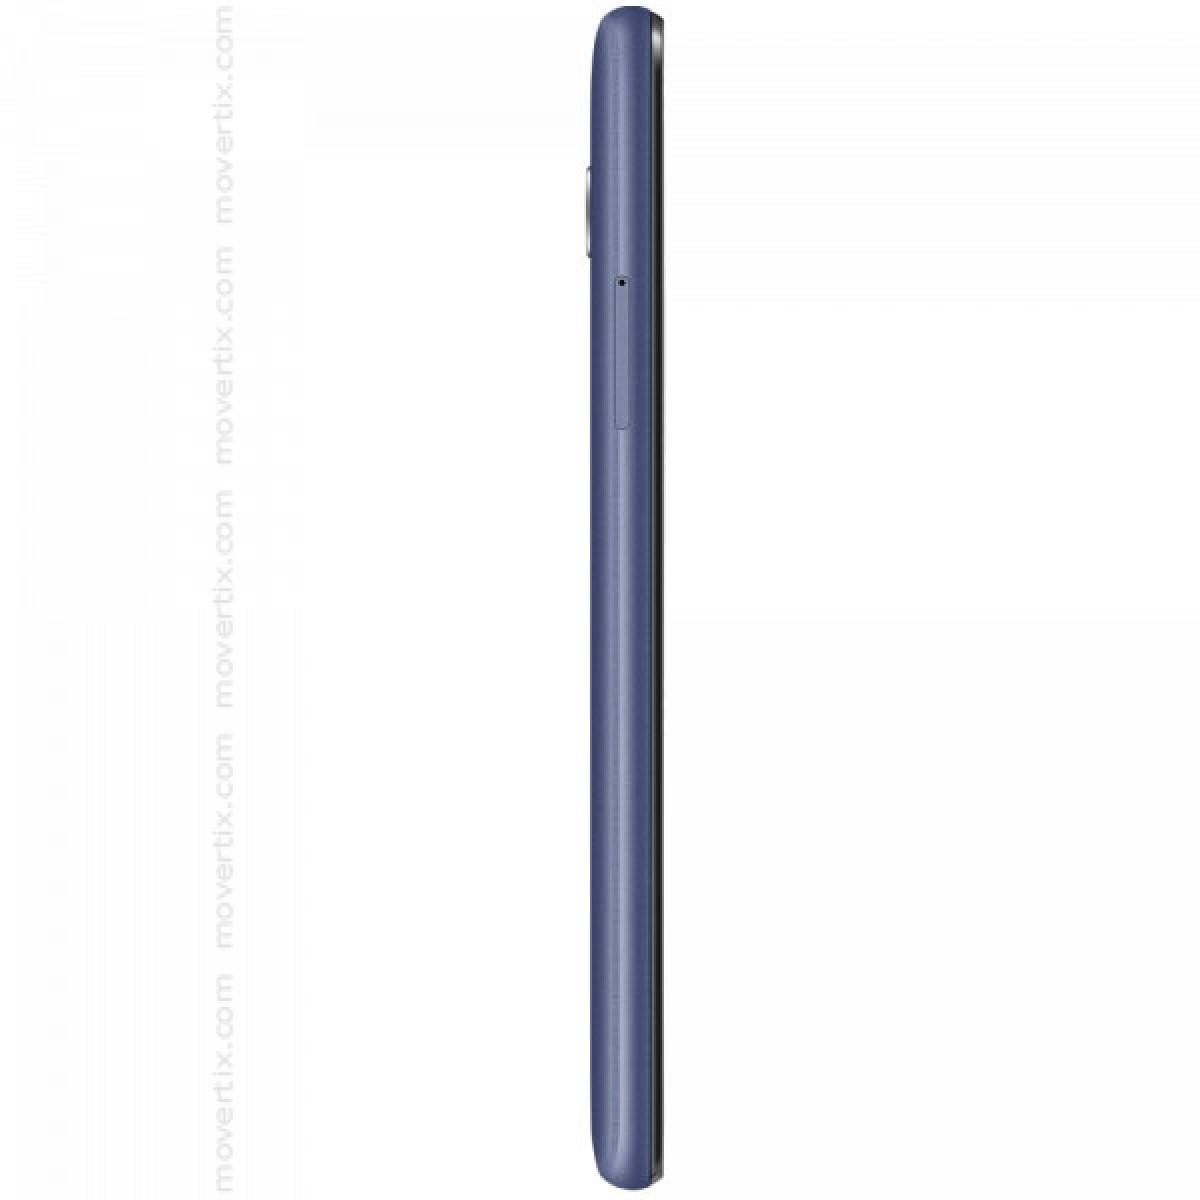 Alcatel 1X Dual SIM Blue 16GB and 2GB RAM (5059D)